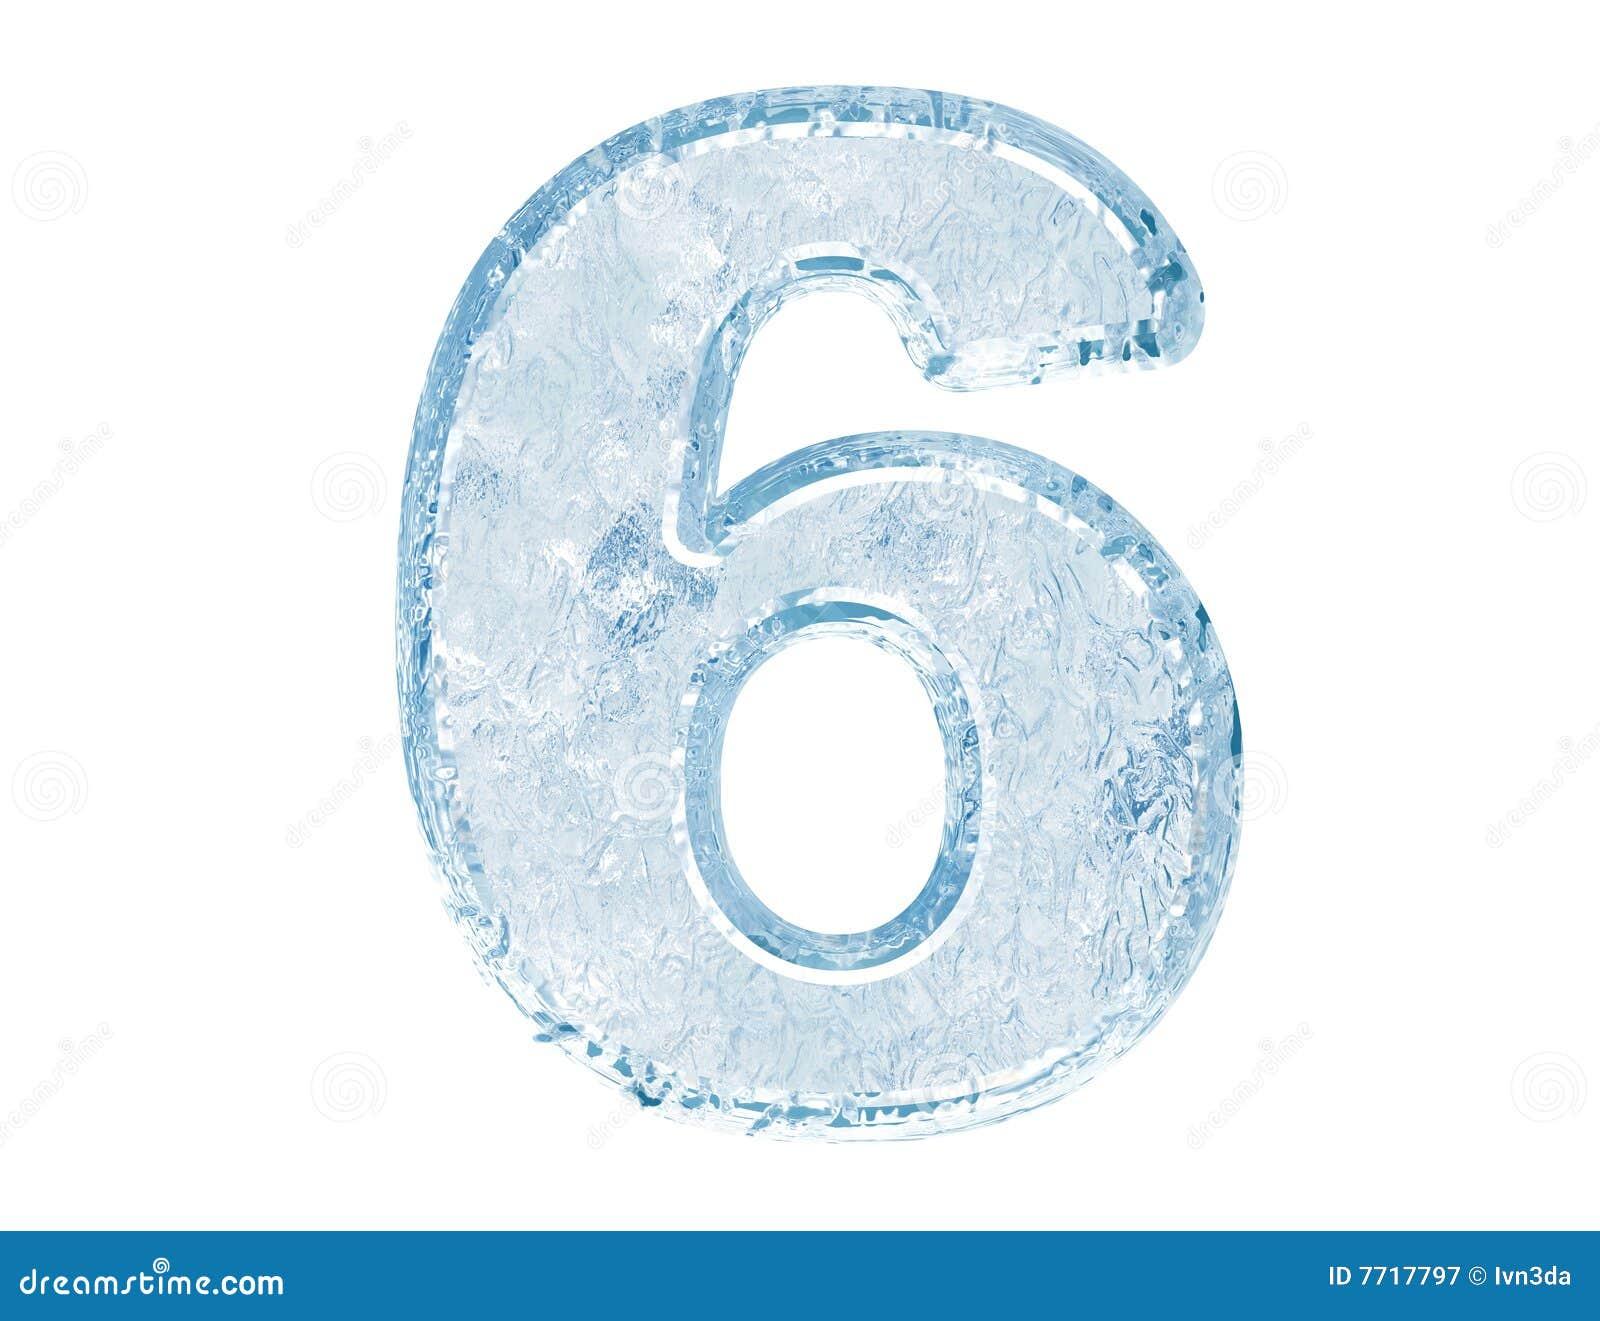 Fuente del hielo. Número seises